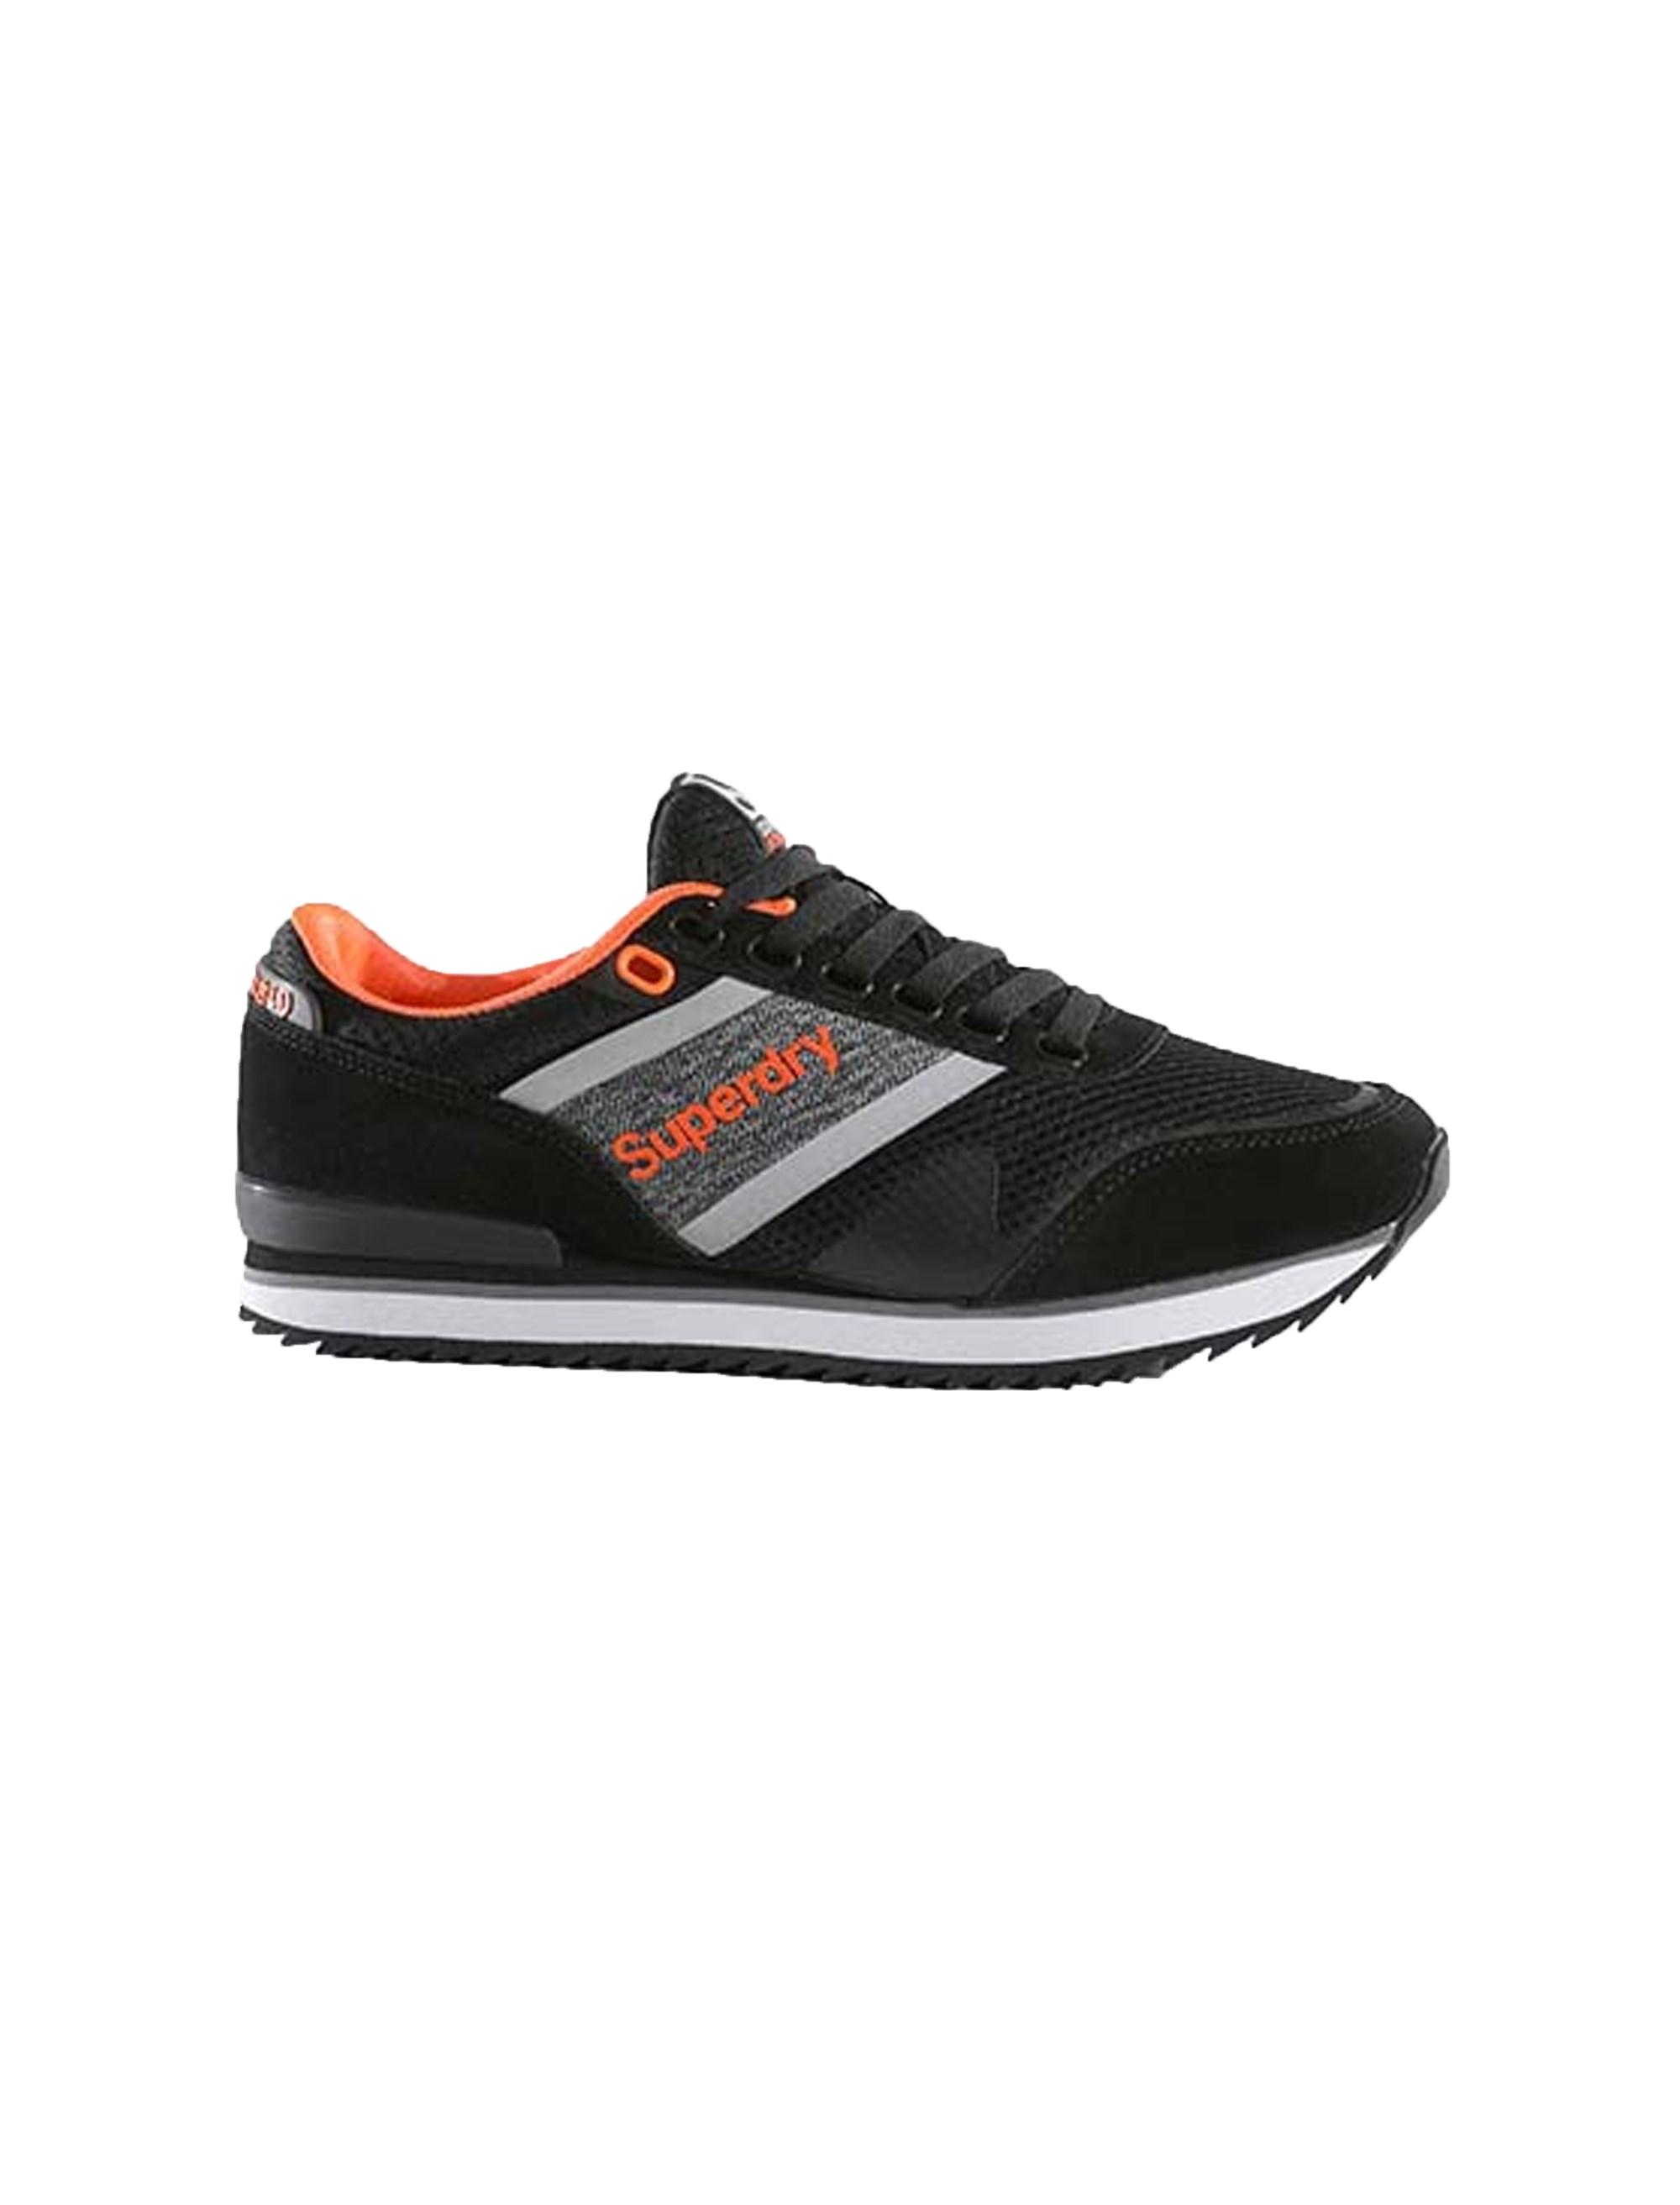 قیمت کفش دویدن بندی مردانه FERO Runner - سوپردرای